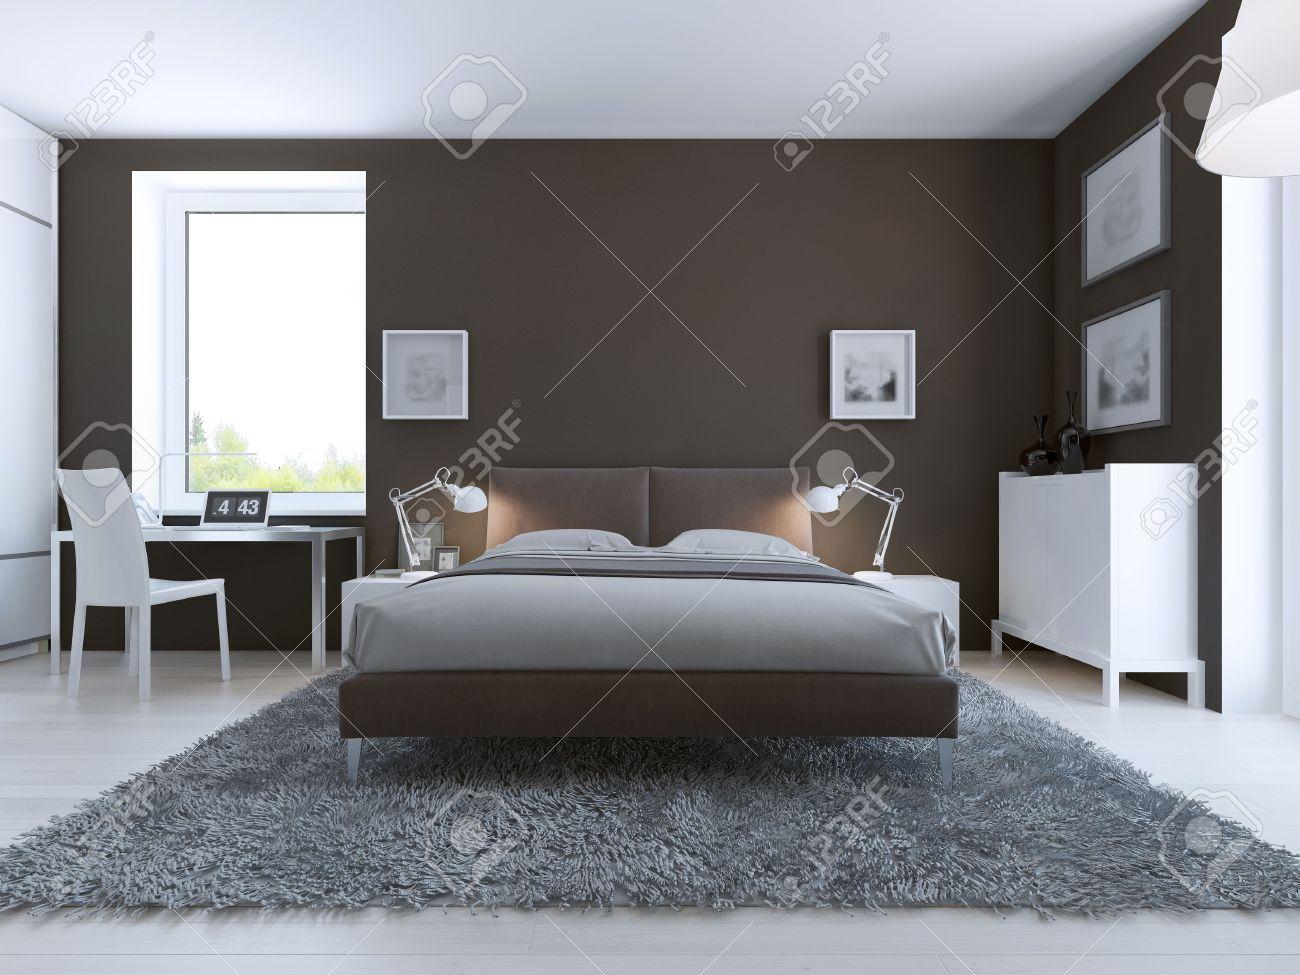 Elegantes Schlafzimmer Interieur. Große Gekleidet Bett In Der Mitte ...